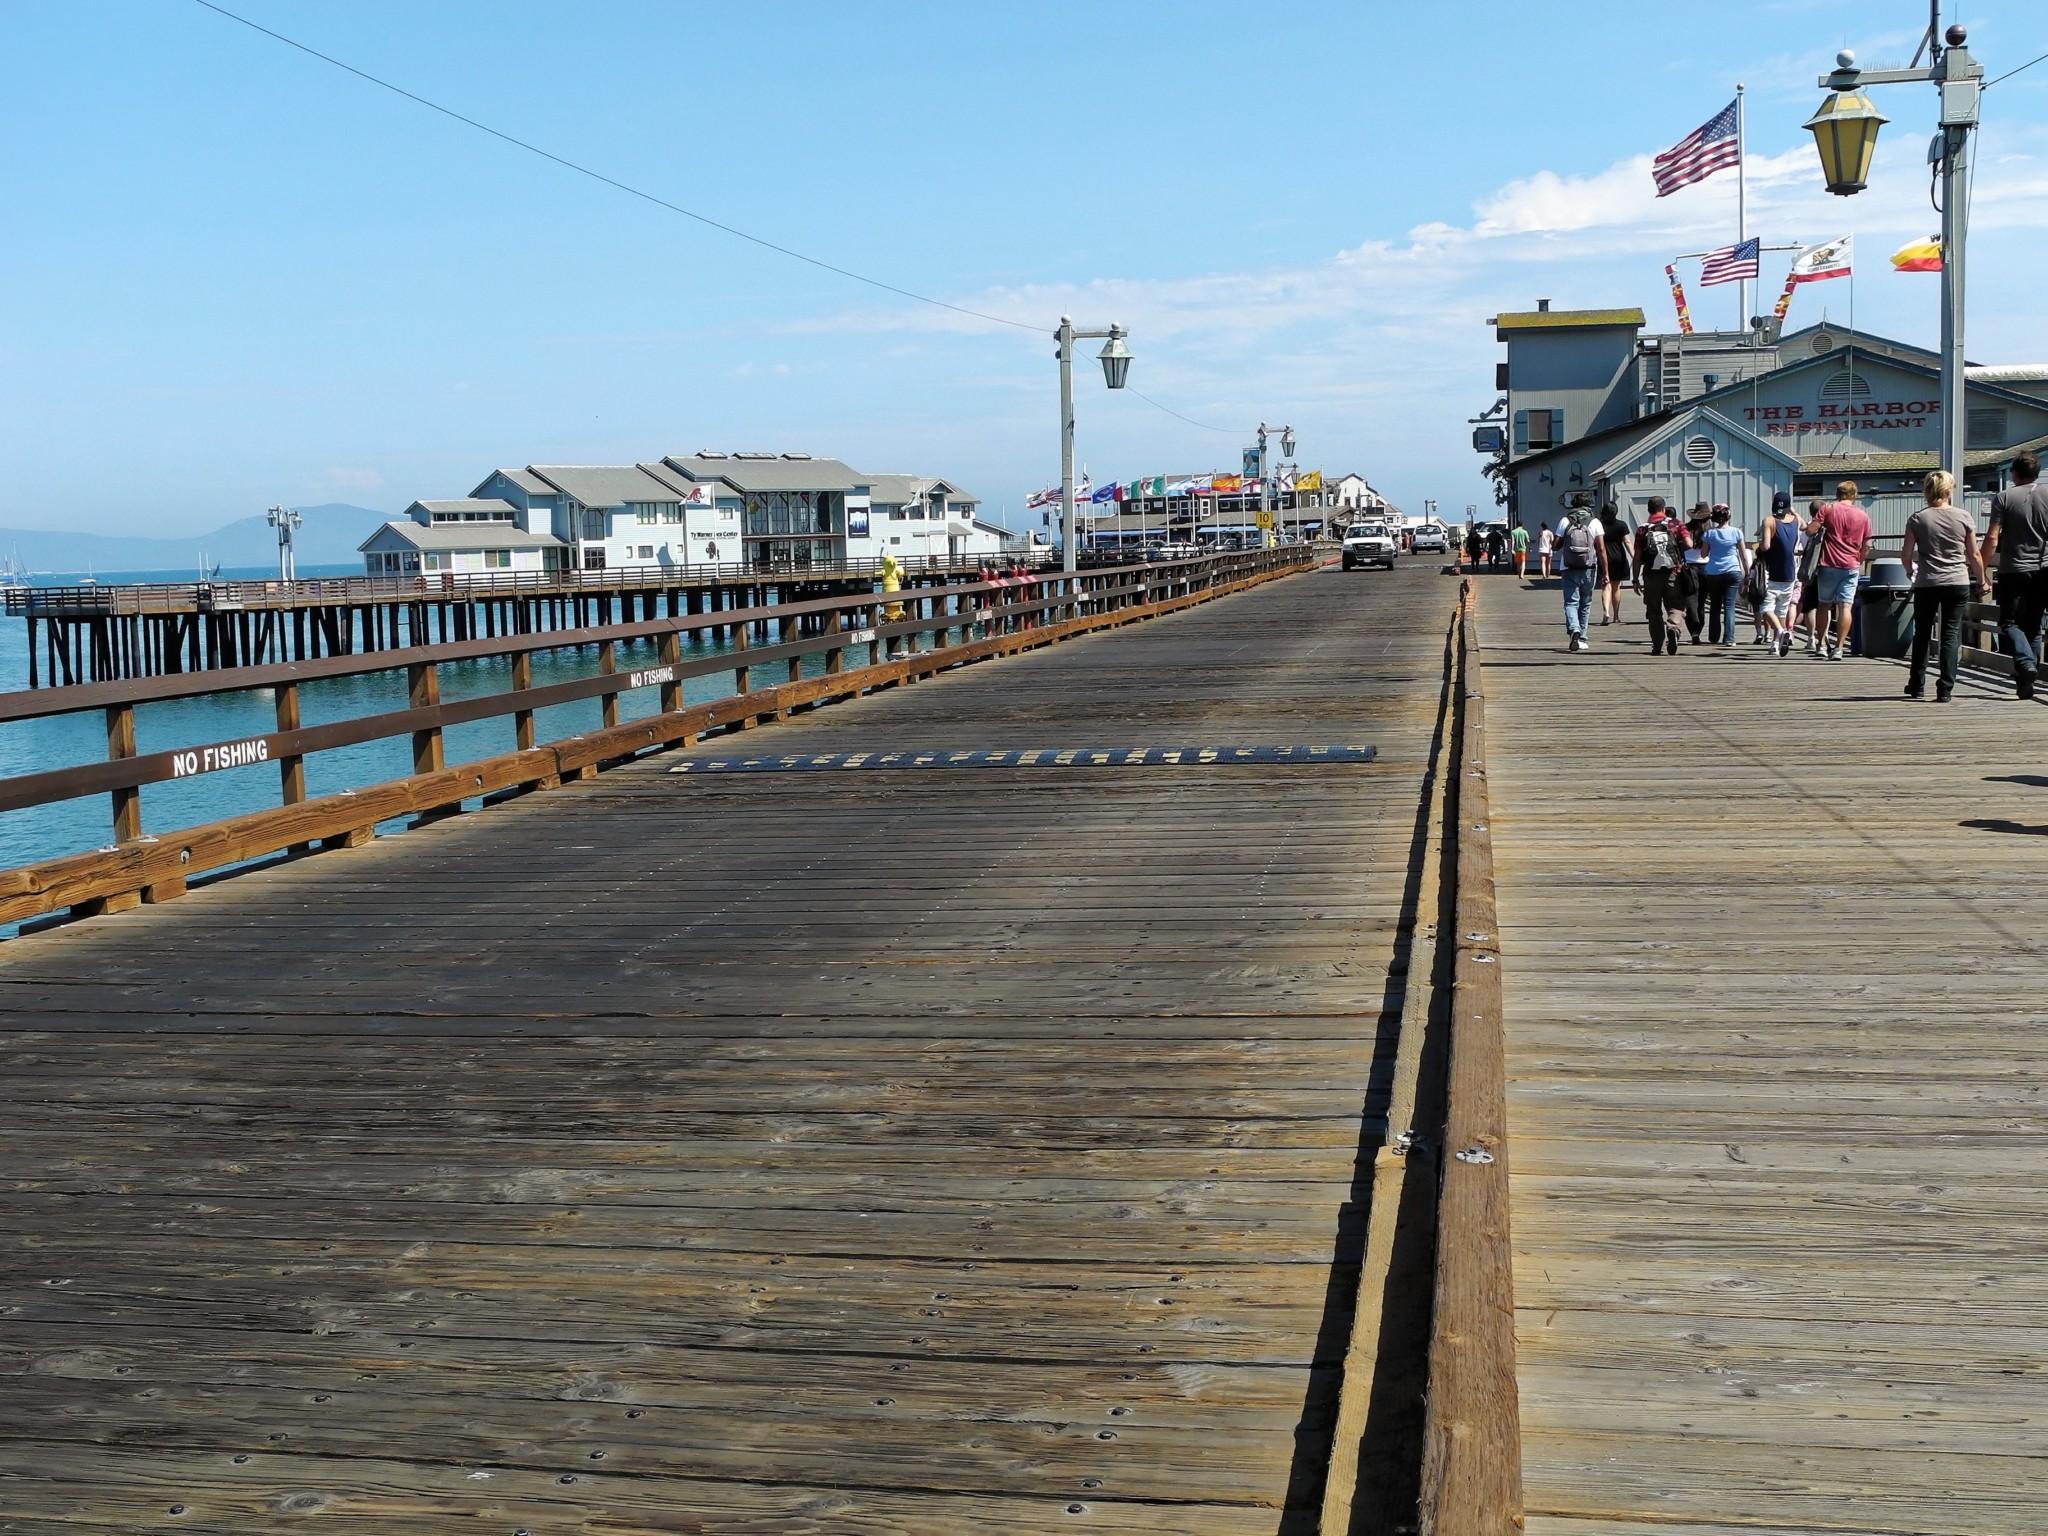 Stearns Wharf Pier - Santa Barbara